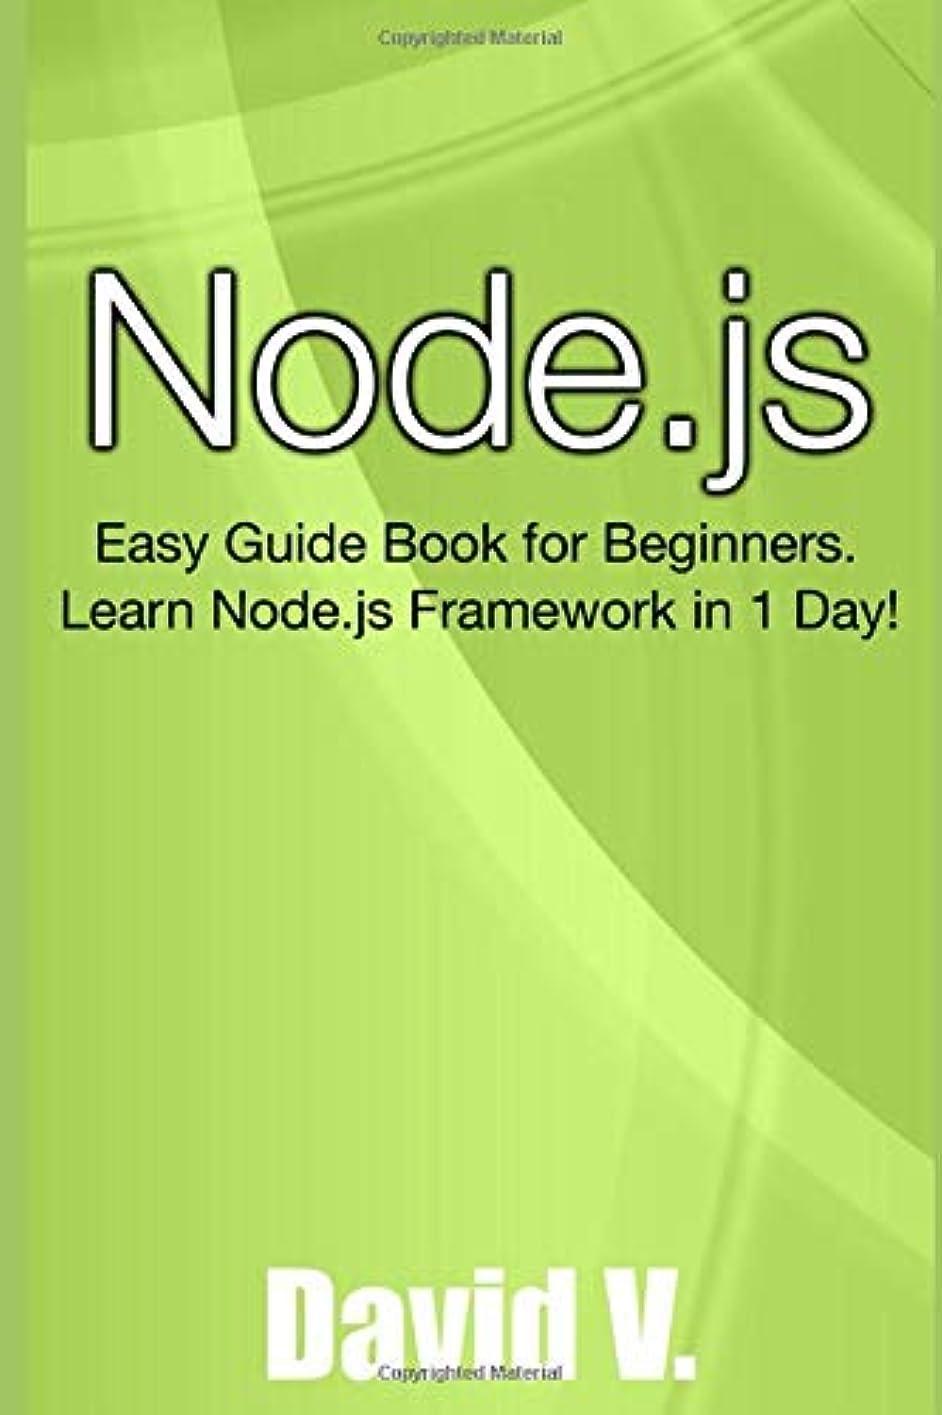 休憩センサー投げるNode.js: Easy Guide Book for Beginners.  Learn Node.js Framework in 1 Day!